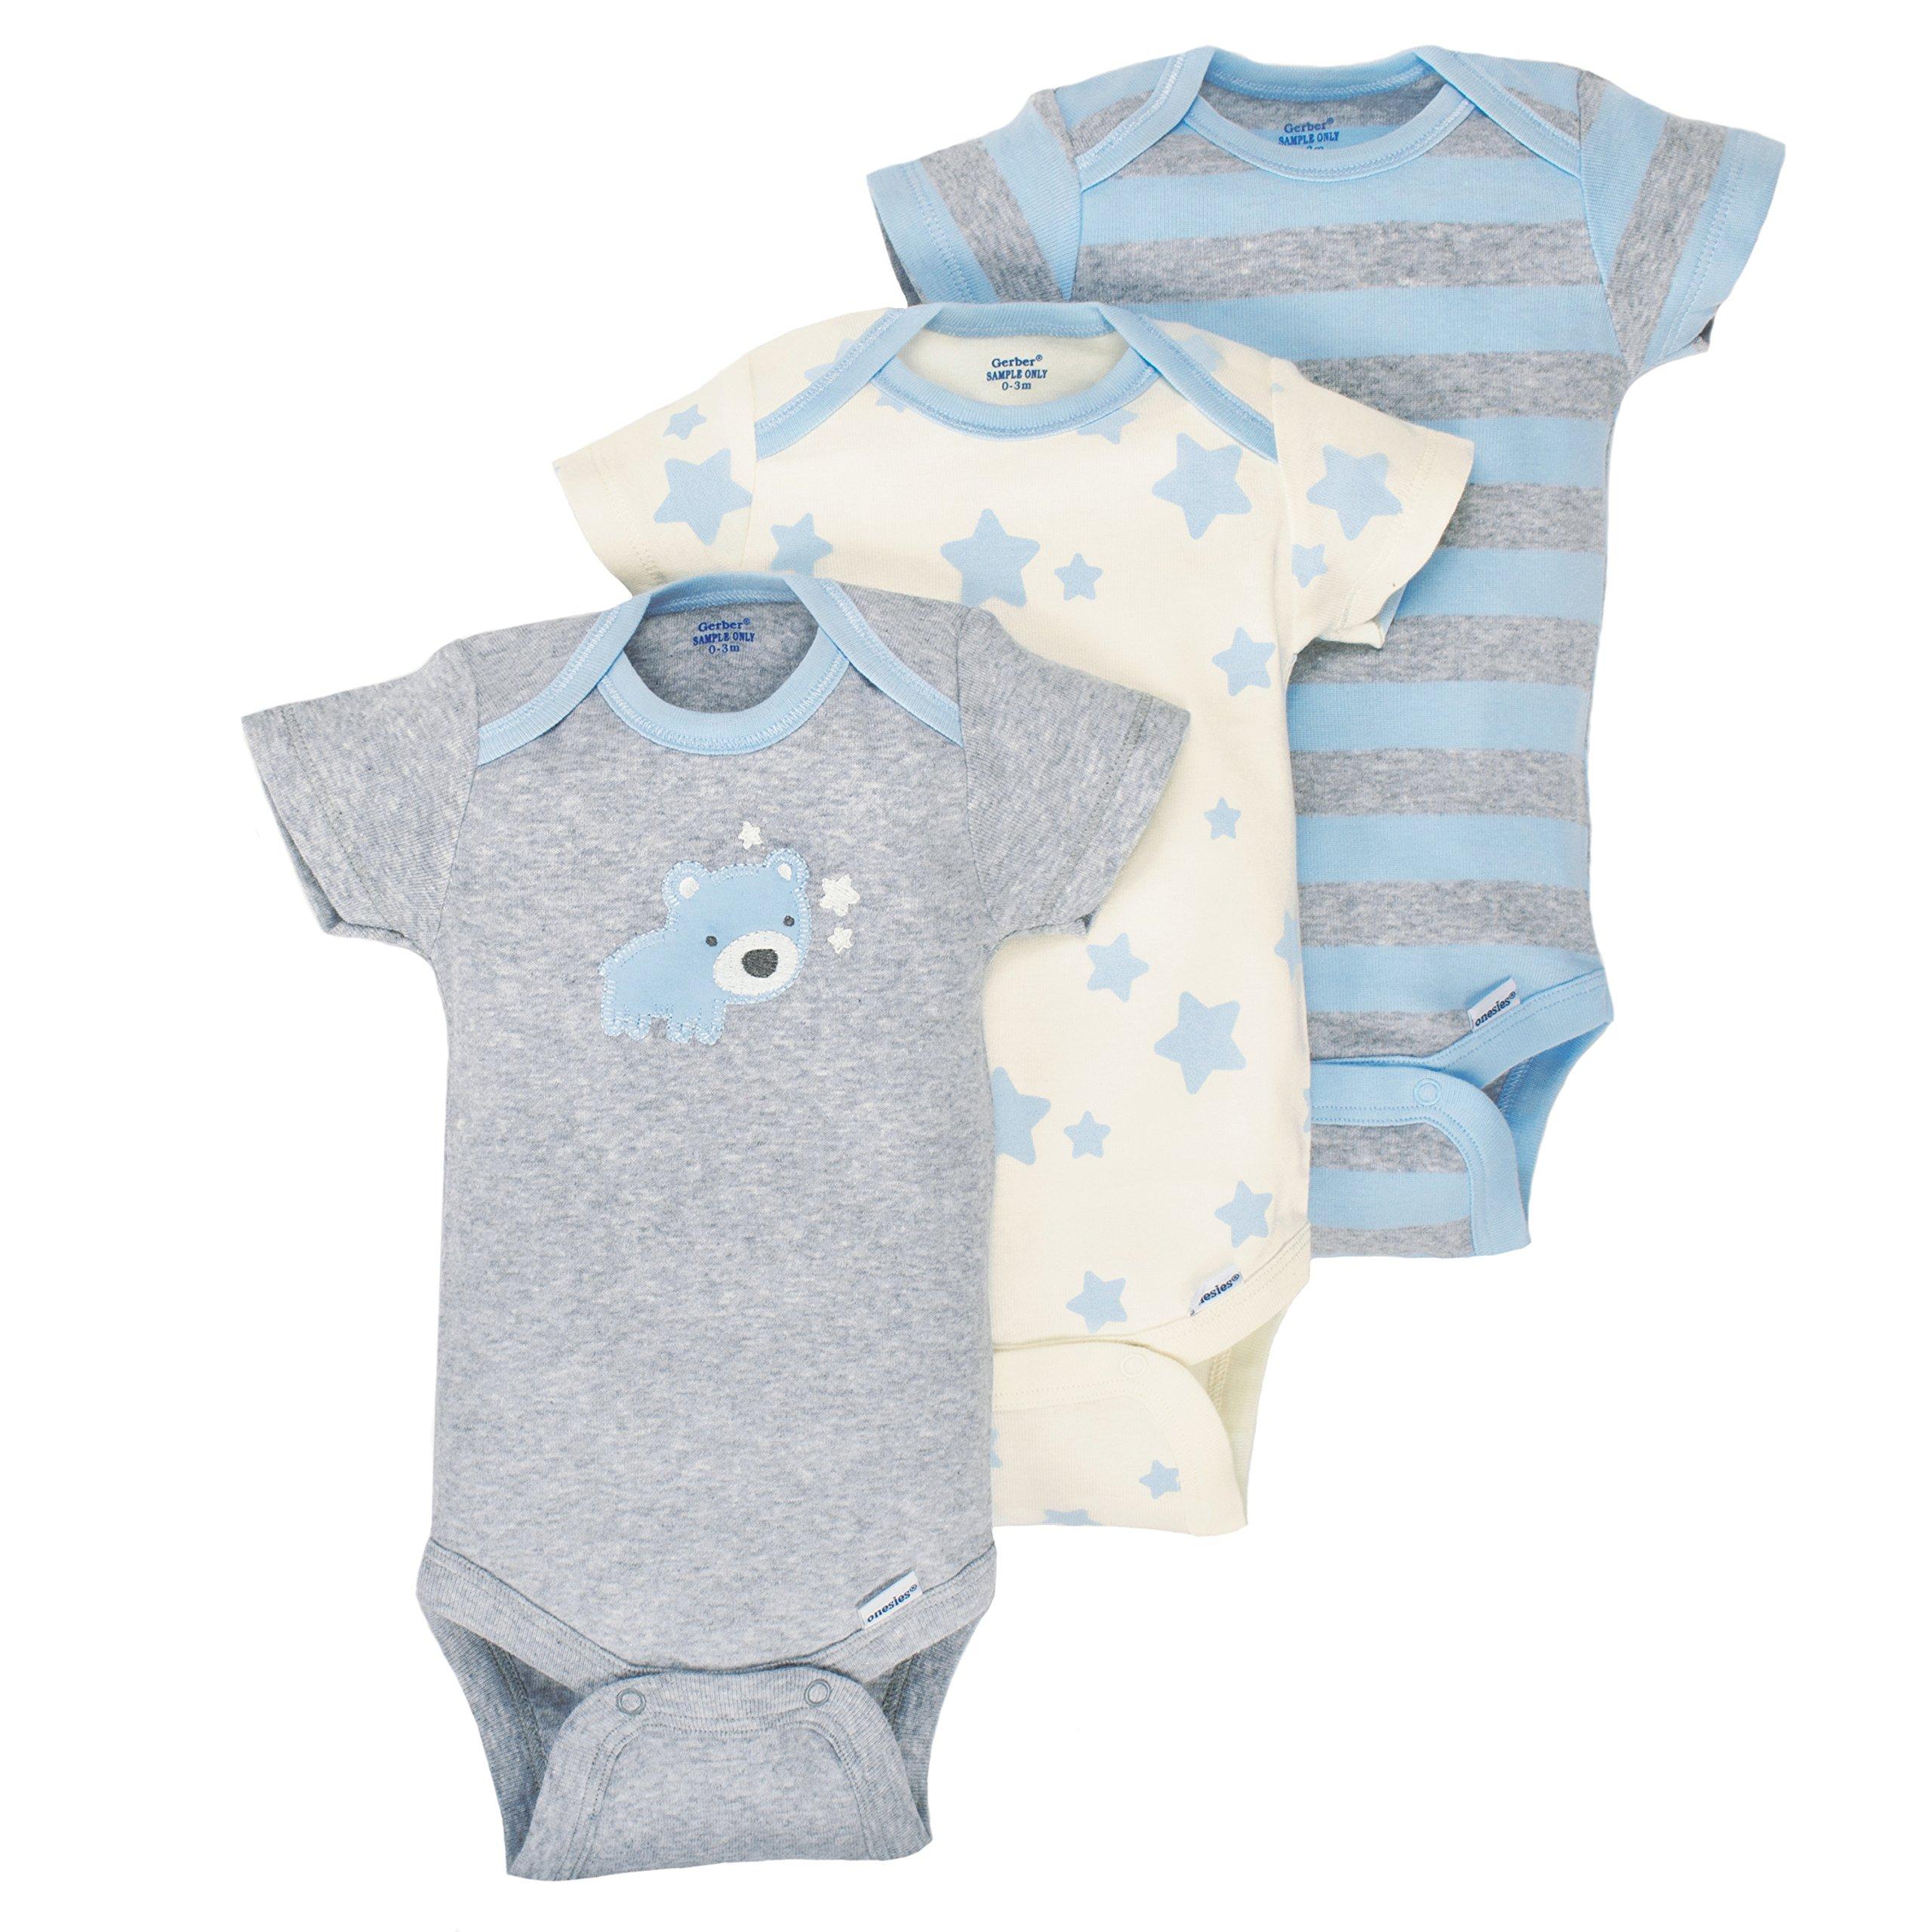 GERBER Baby Boys' 3-Pack Organic Short-Sleeve Onesies Bodysuit